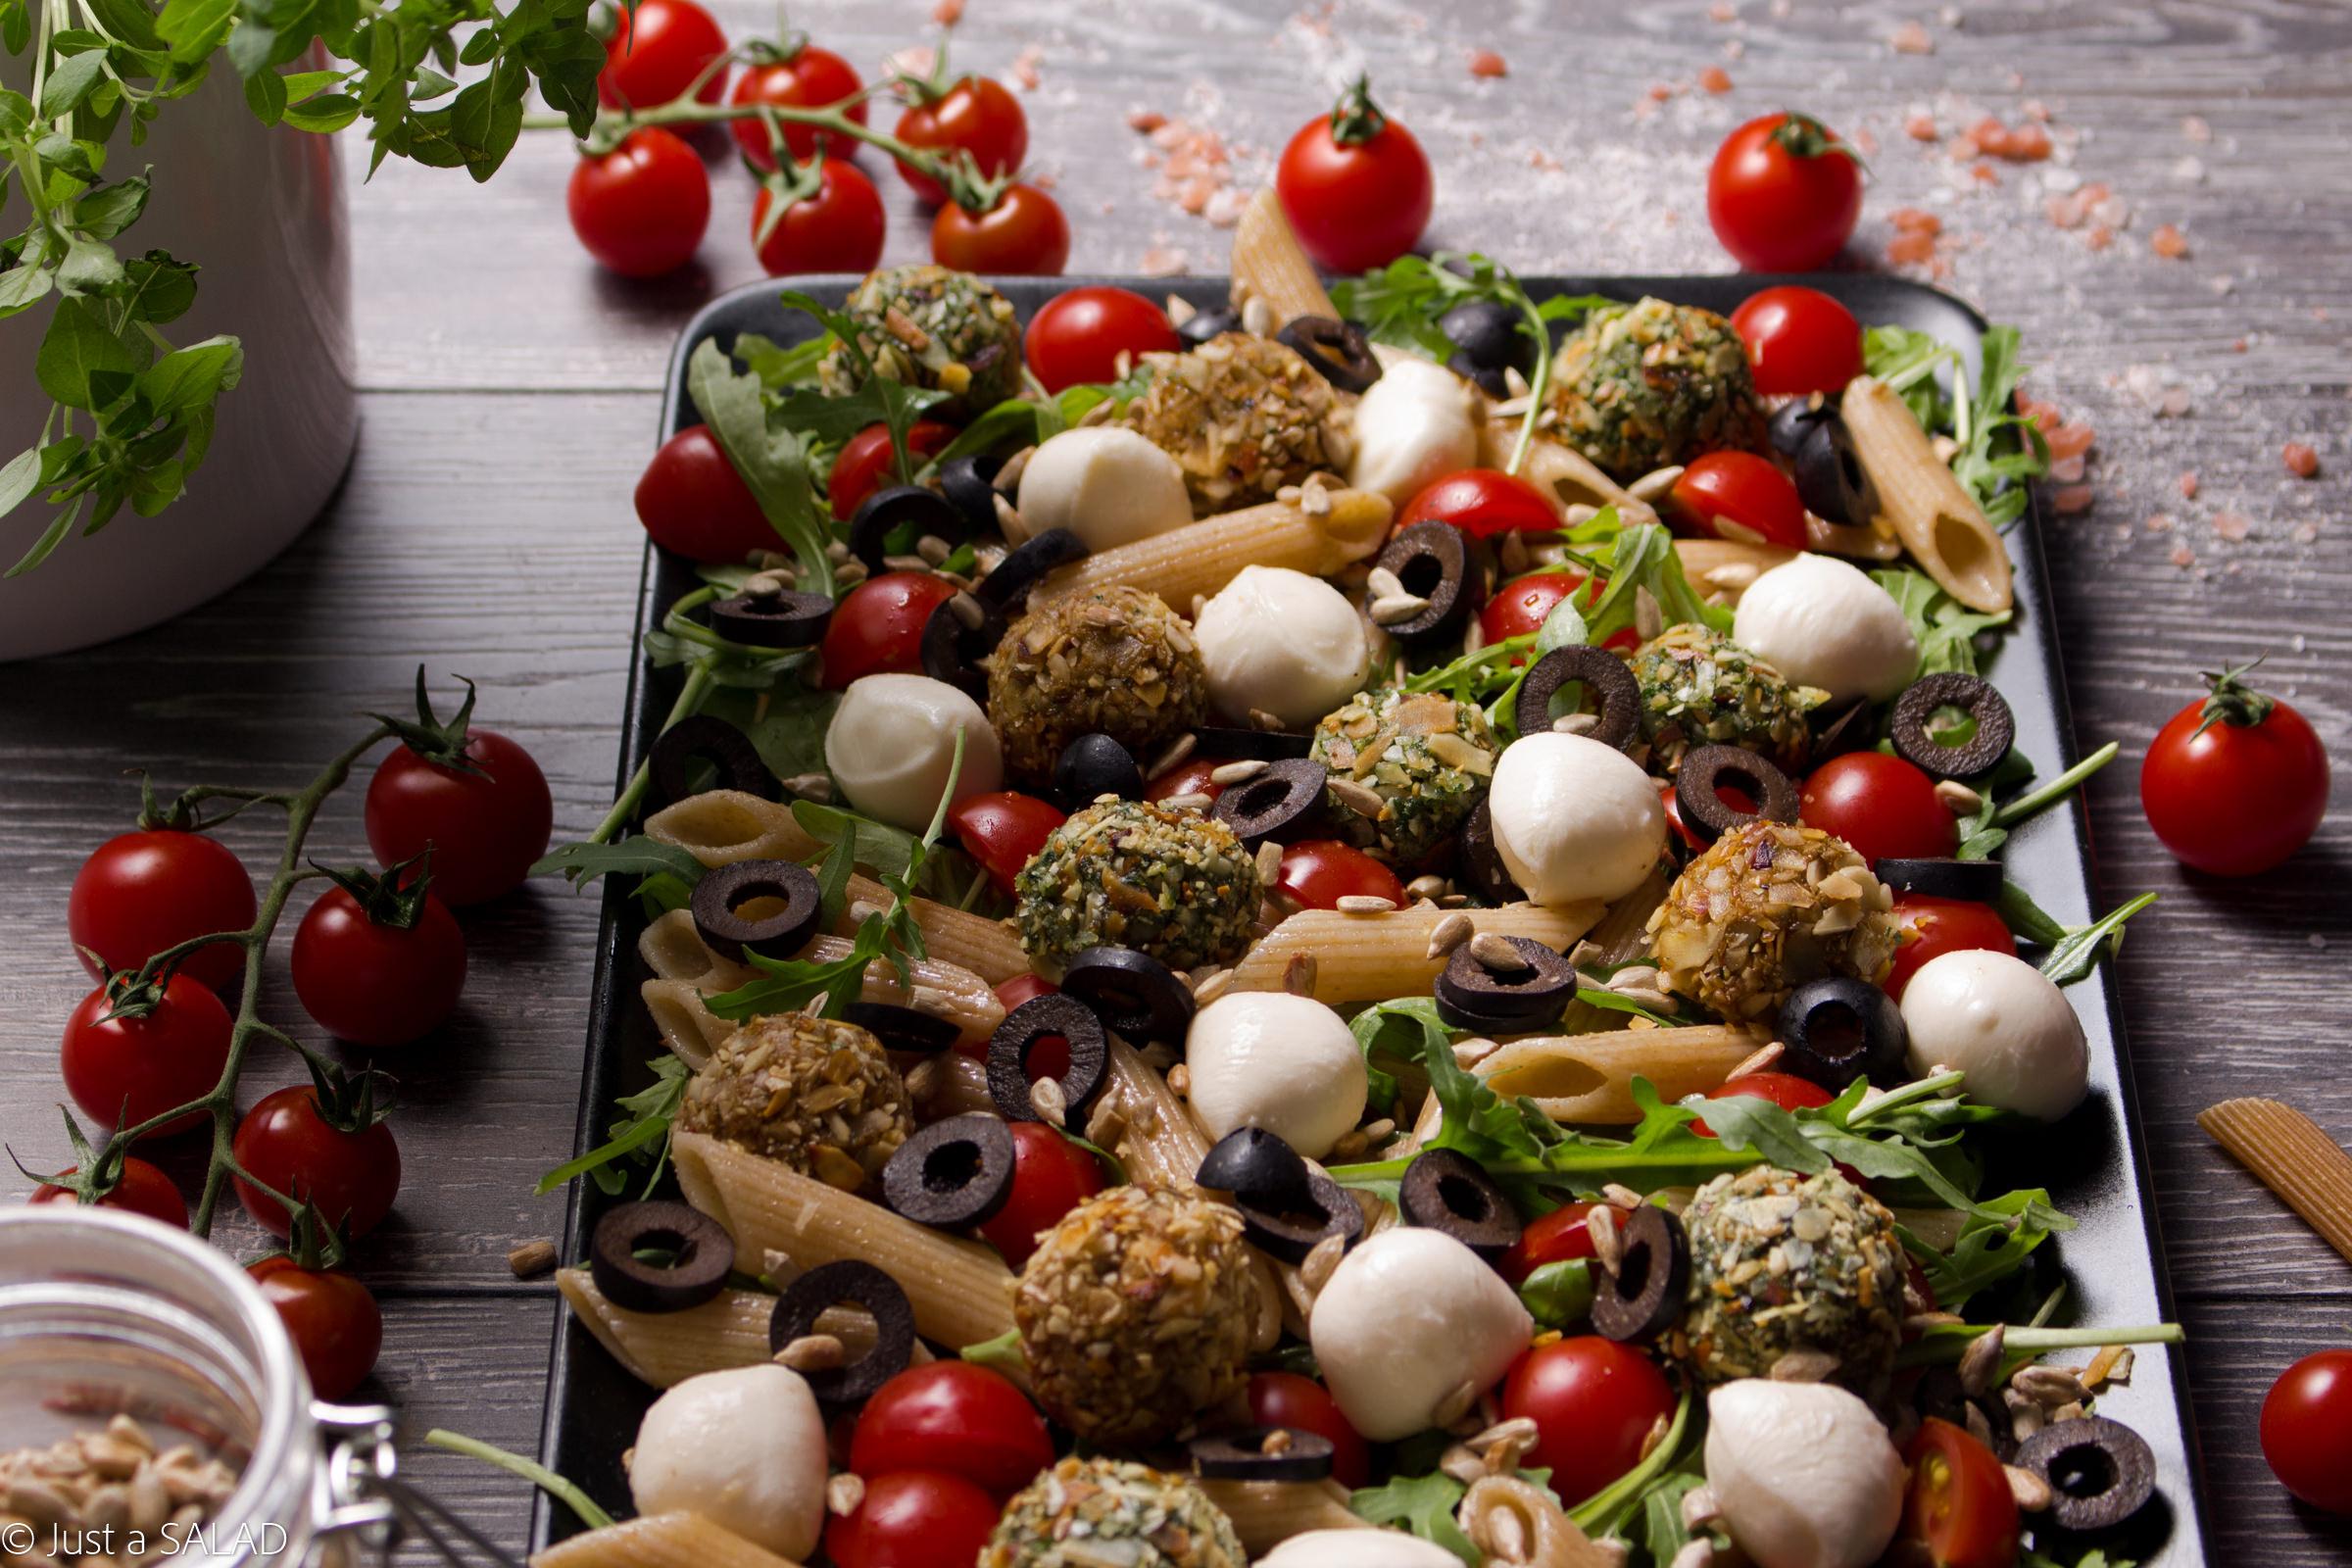 Sałatka z rukolą, makaronem, czarnymi oliwkami, pestkami słonecznika, mozzarellą oraz czerwonymi i zielonymi kulami.